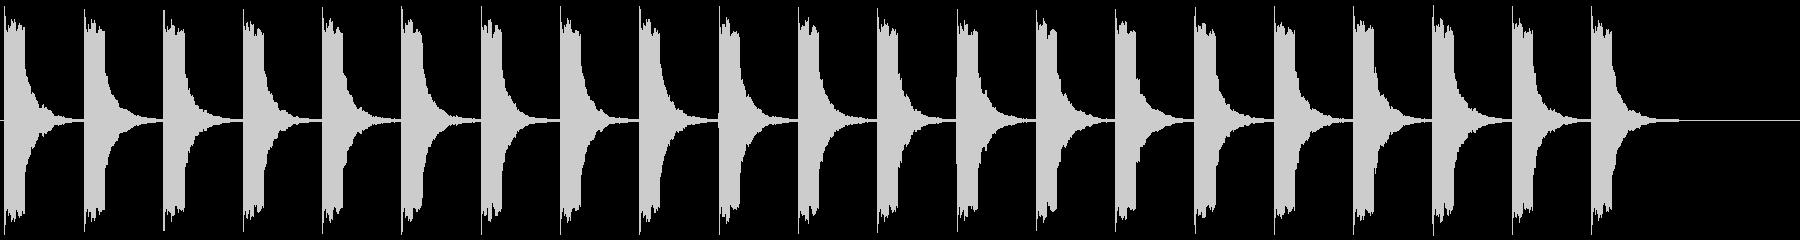 警報 8の未再生の波形